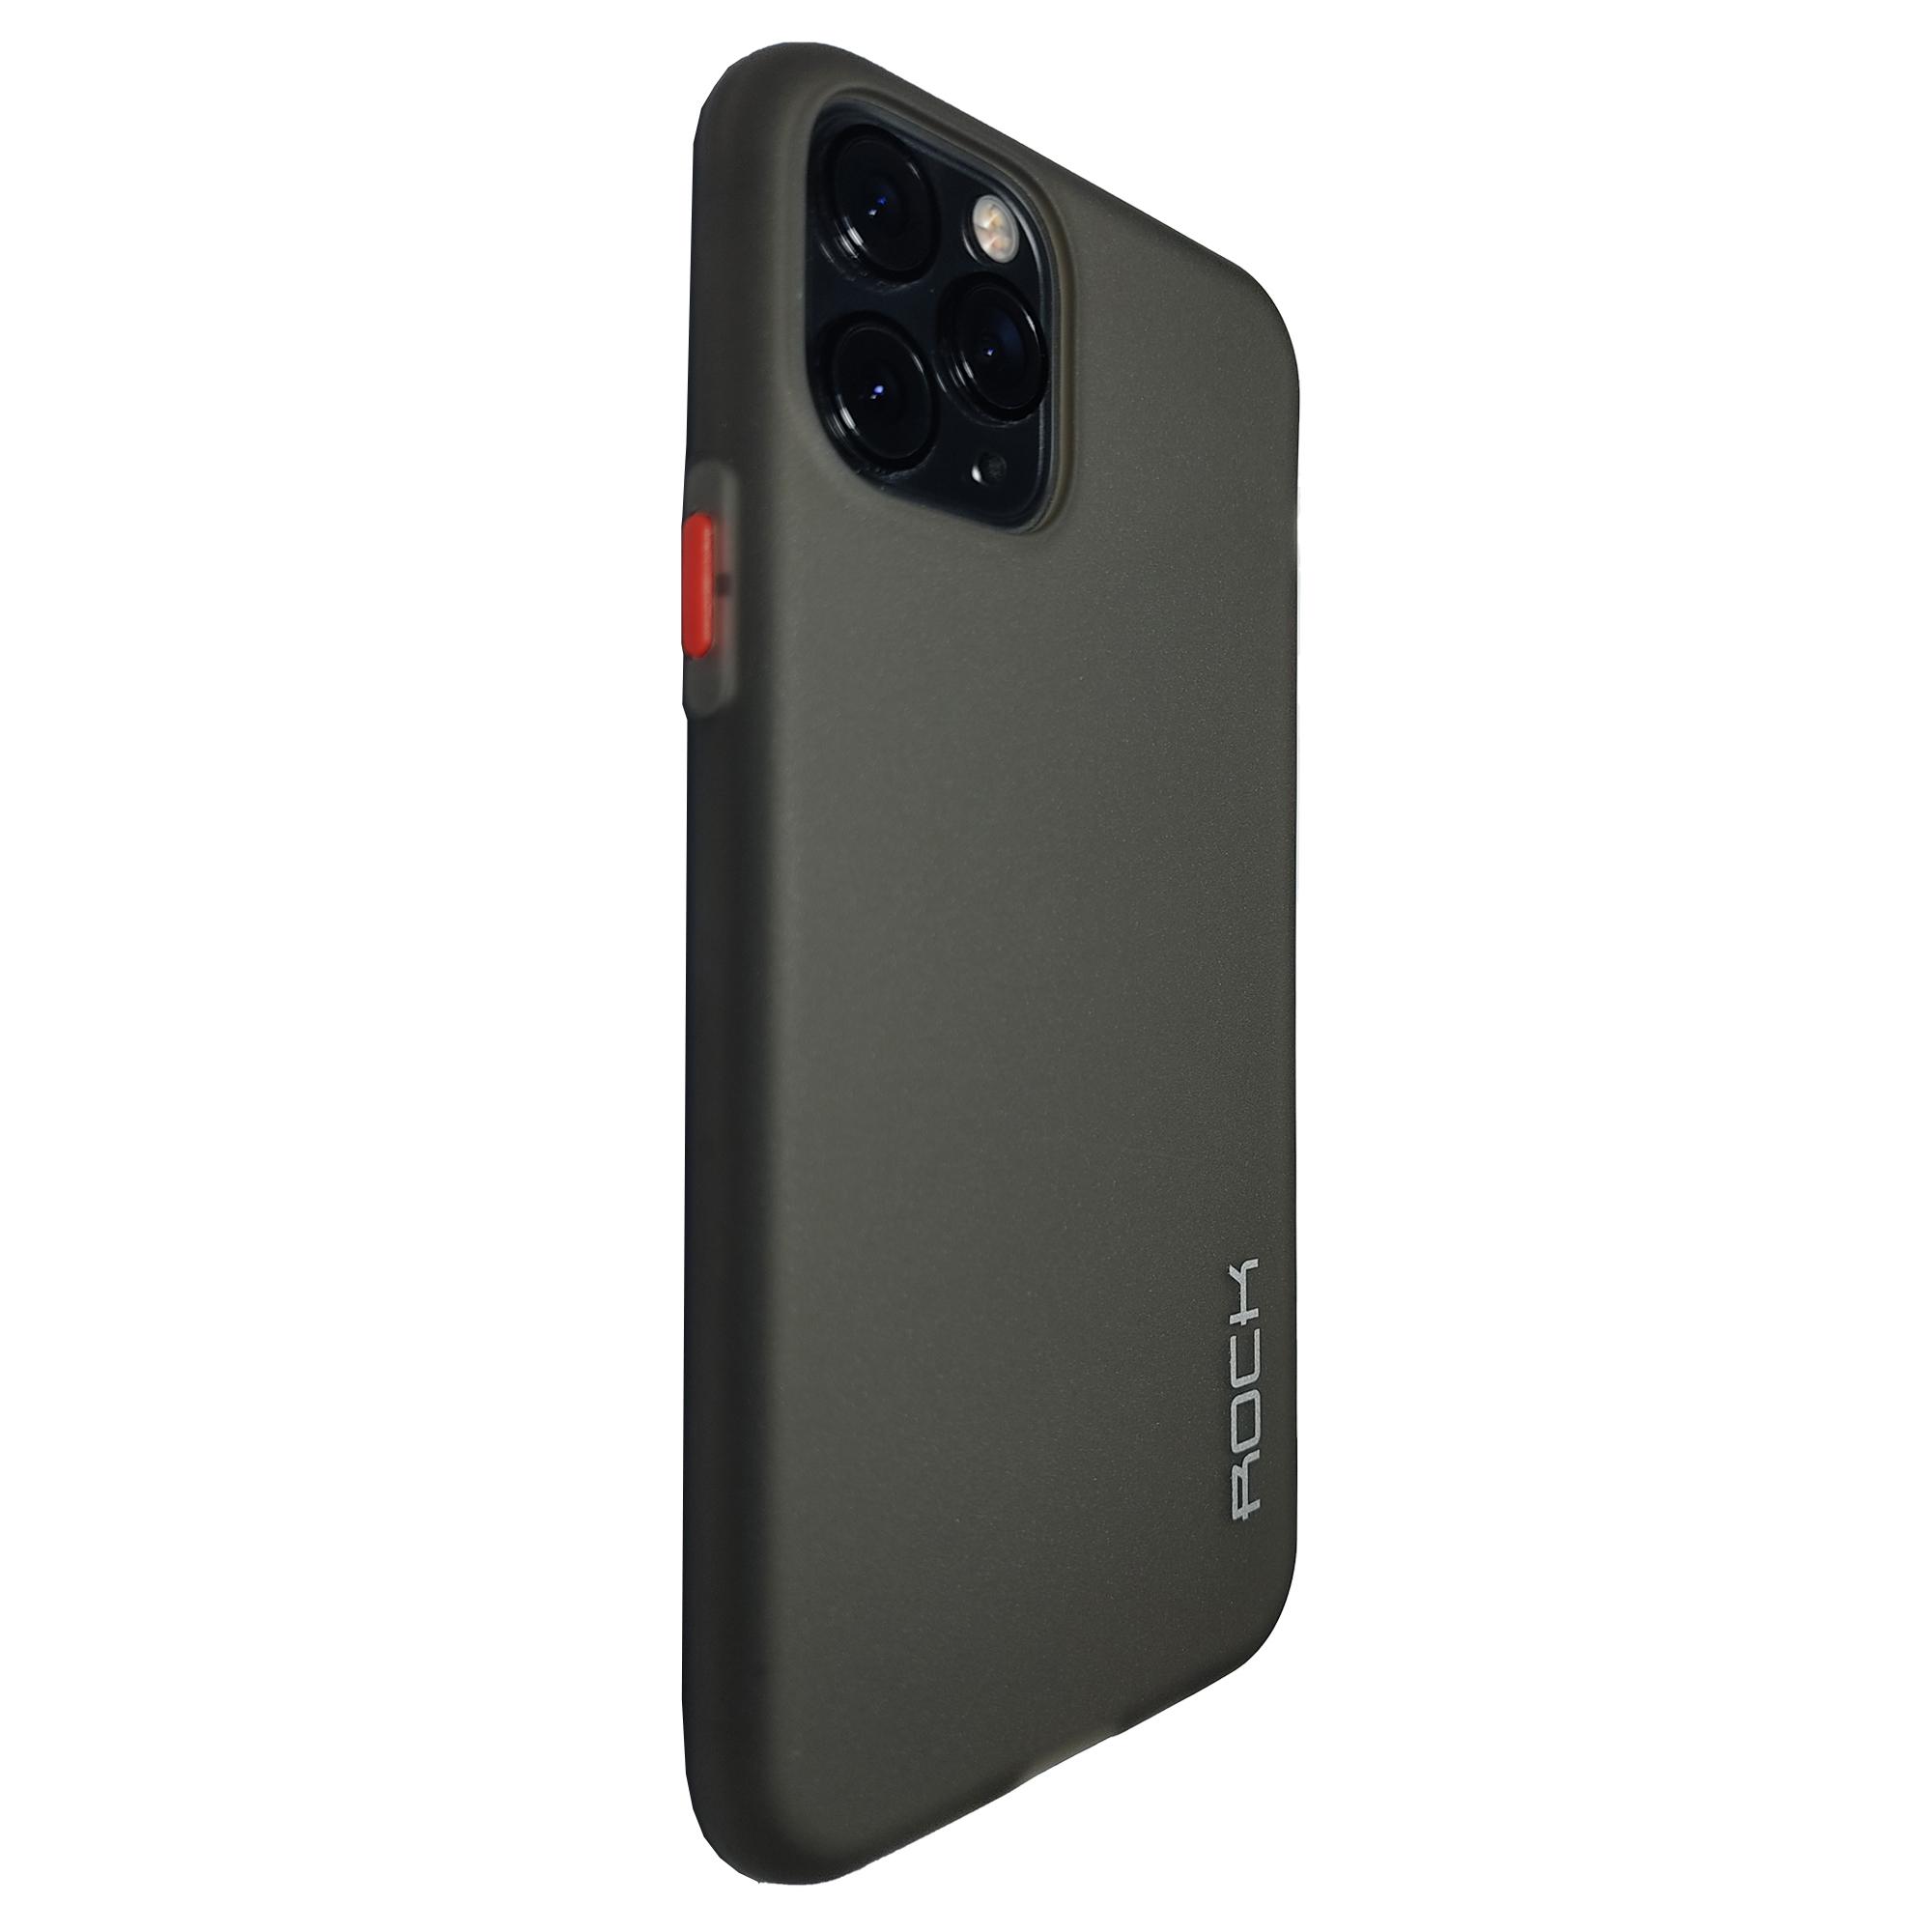 کاور راک مدل SPRT01 مناسب برای گوشی موبایل اپل iPhone 11 Pro thumb 2 3